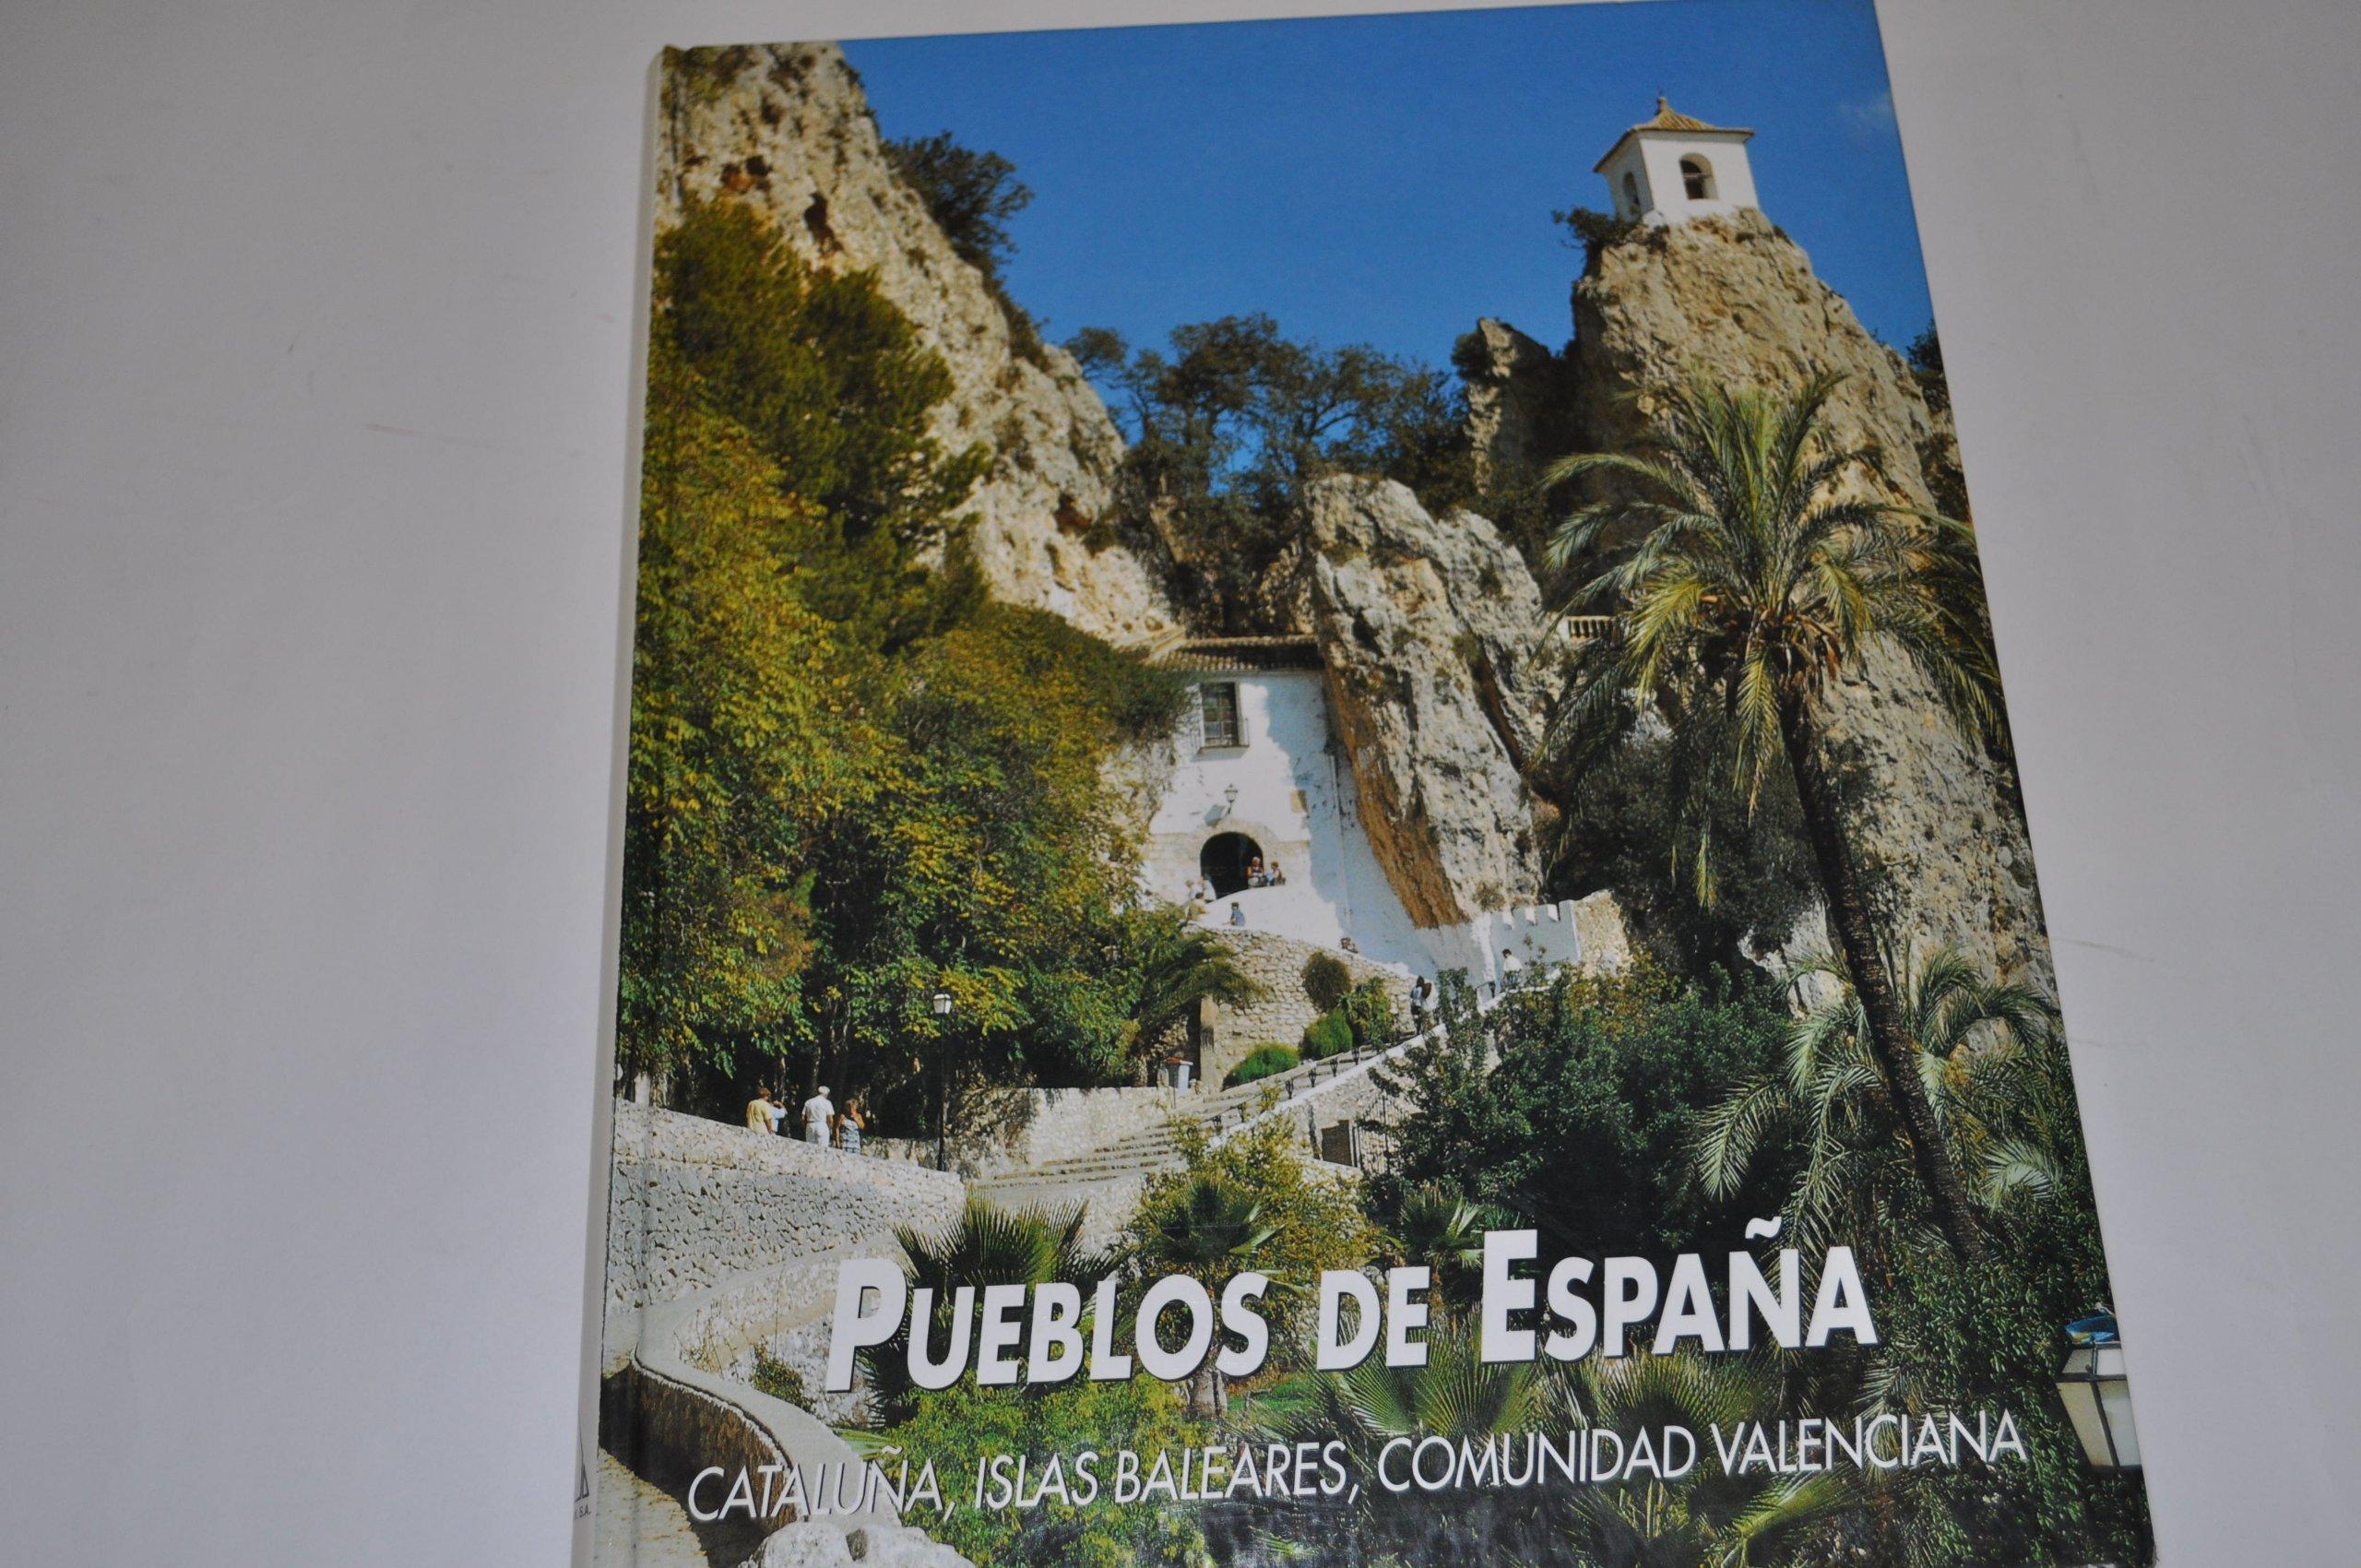 Pueblos de España. Cataluña, Islas Baleares, Comunidad Valenciana.: Amazon.es: VV. AA.: Libros